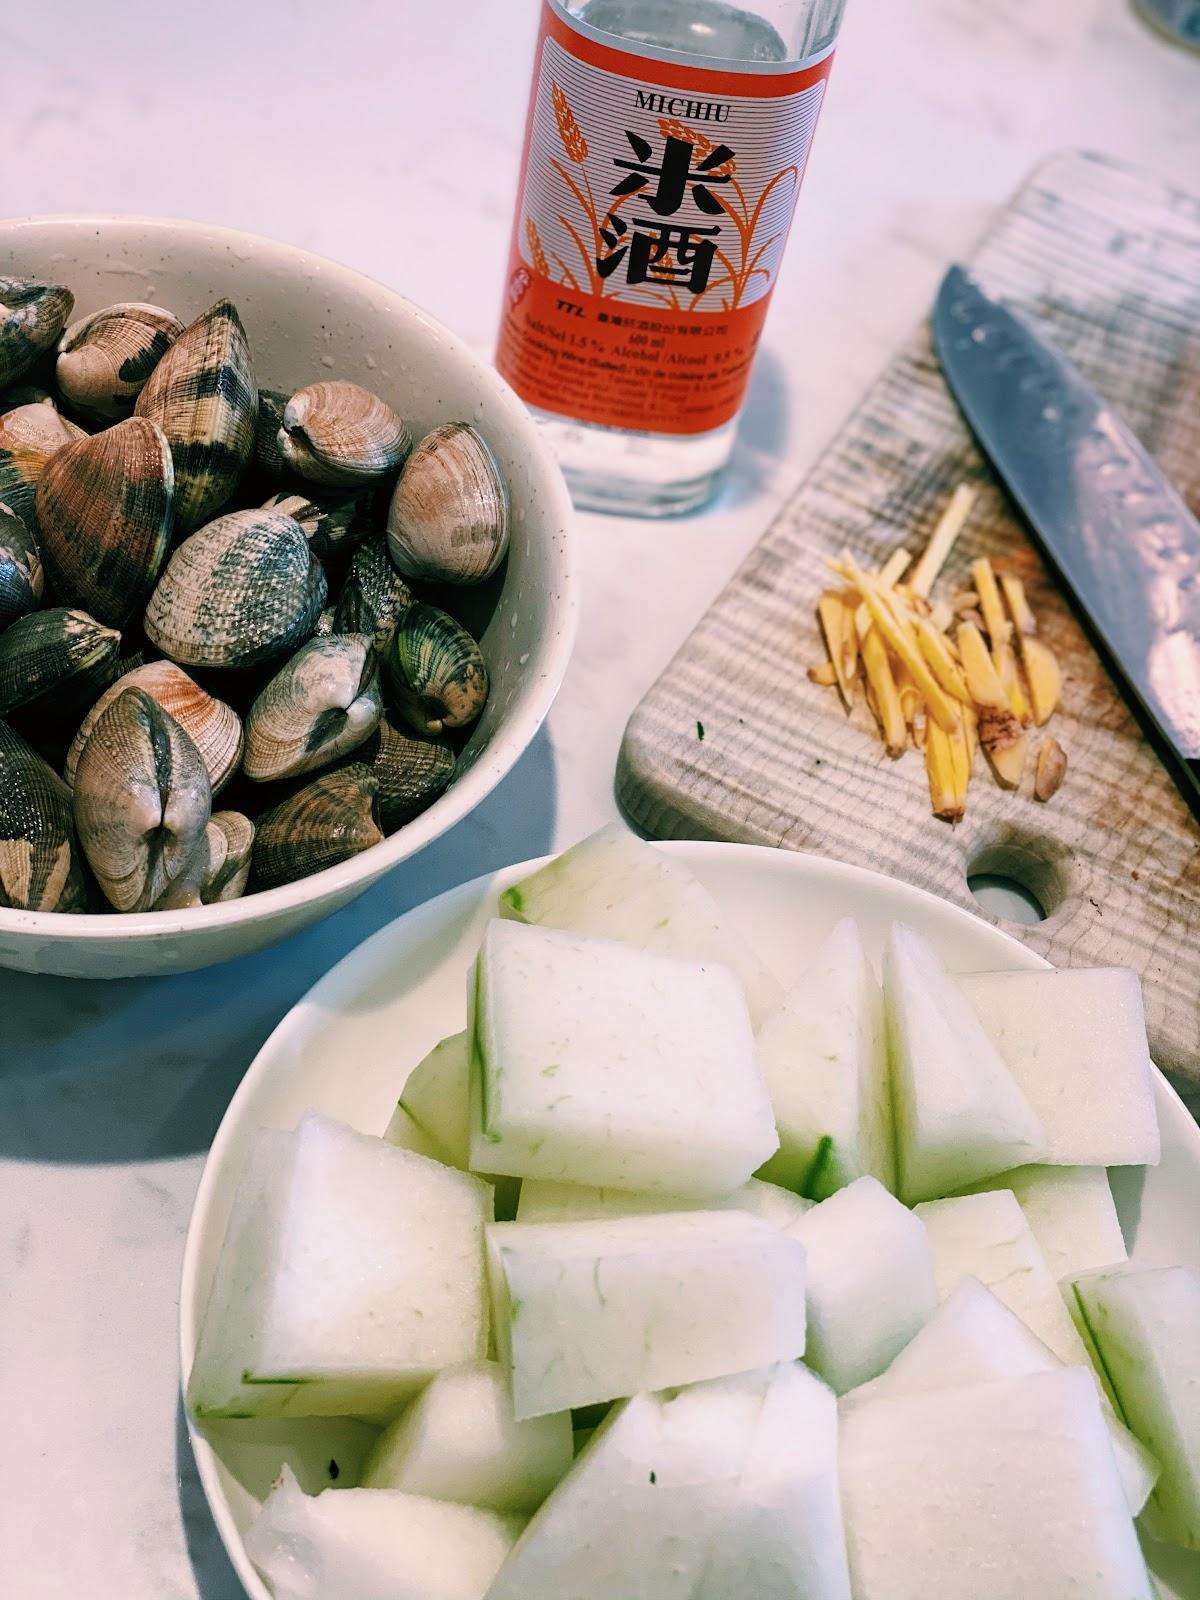 Winter Melon & Clam Soup